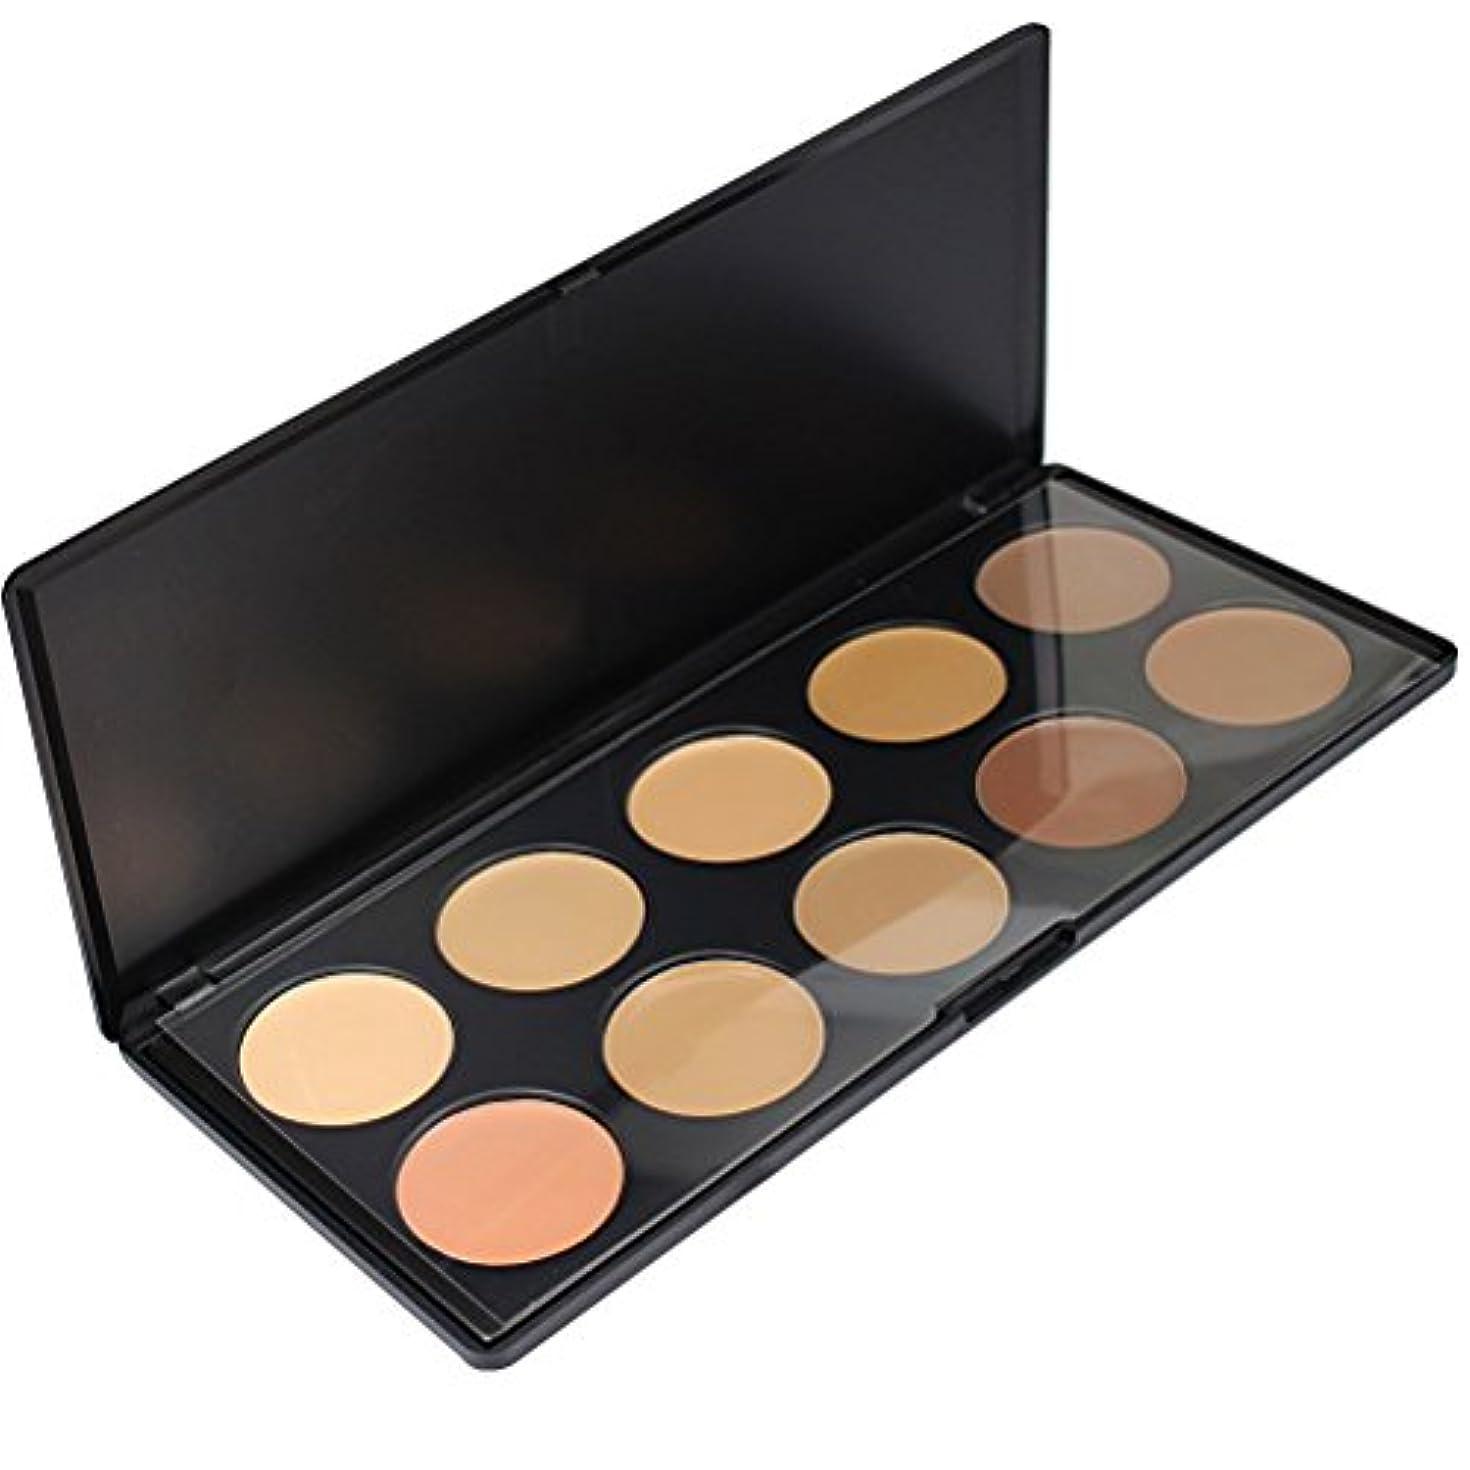 ジーンズレンダリング飢メイクアップエーシーシー (MakeupAcc) 10色コンシーラーパレット アイシャドウパレット メイクアップセット [並行輸入品]